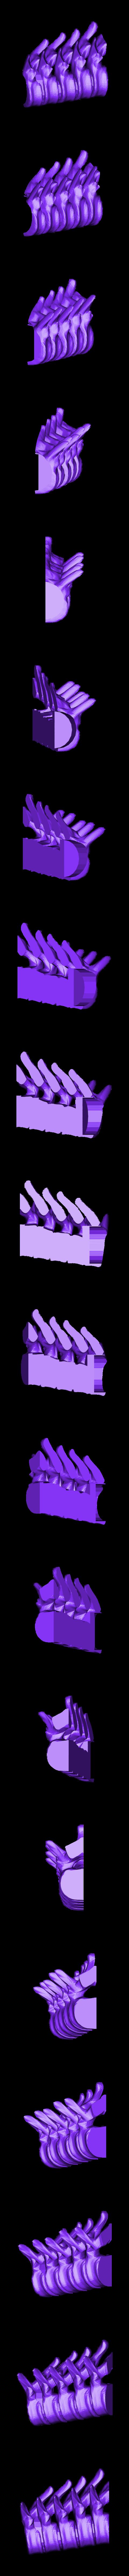 spine_top_left.stl Télécharger fichier STL gratuit Bougeoir pour la colonne vertébrale • Modèle pour impression 3D, billythemighty3Dprinter